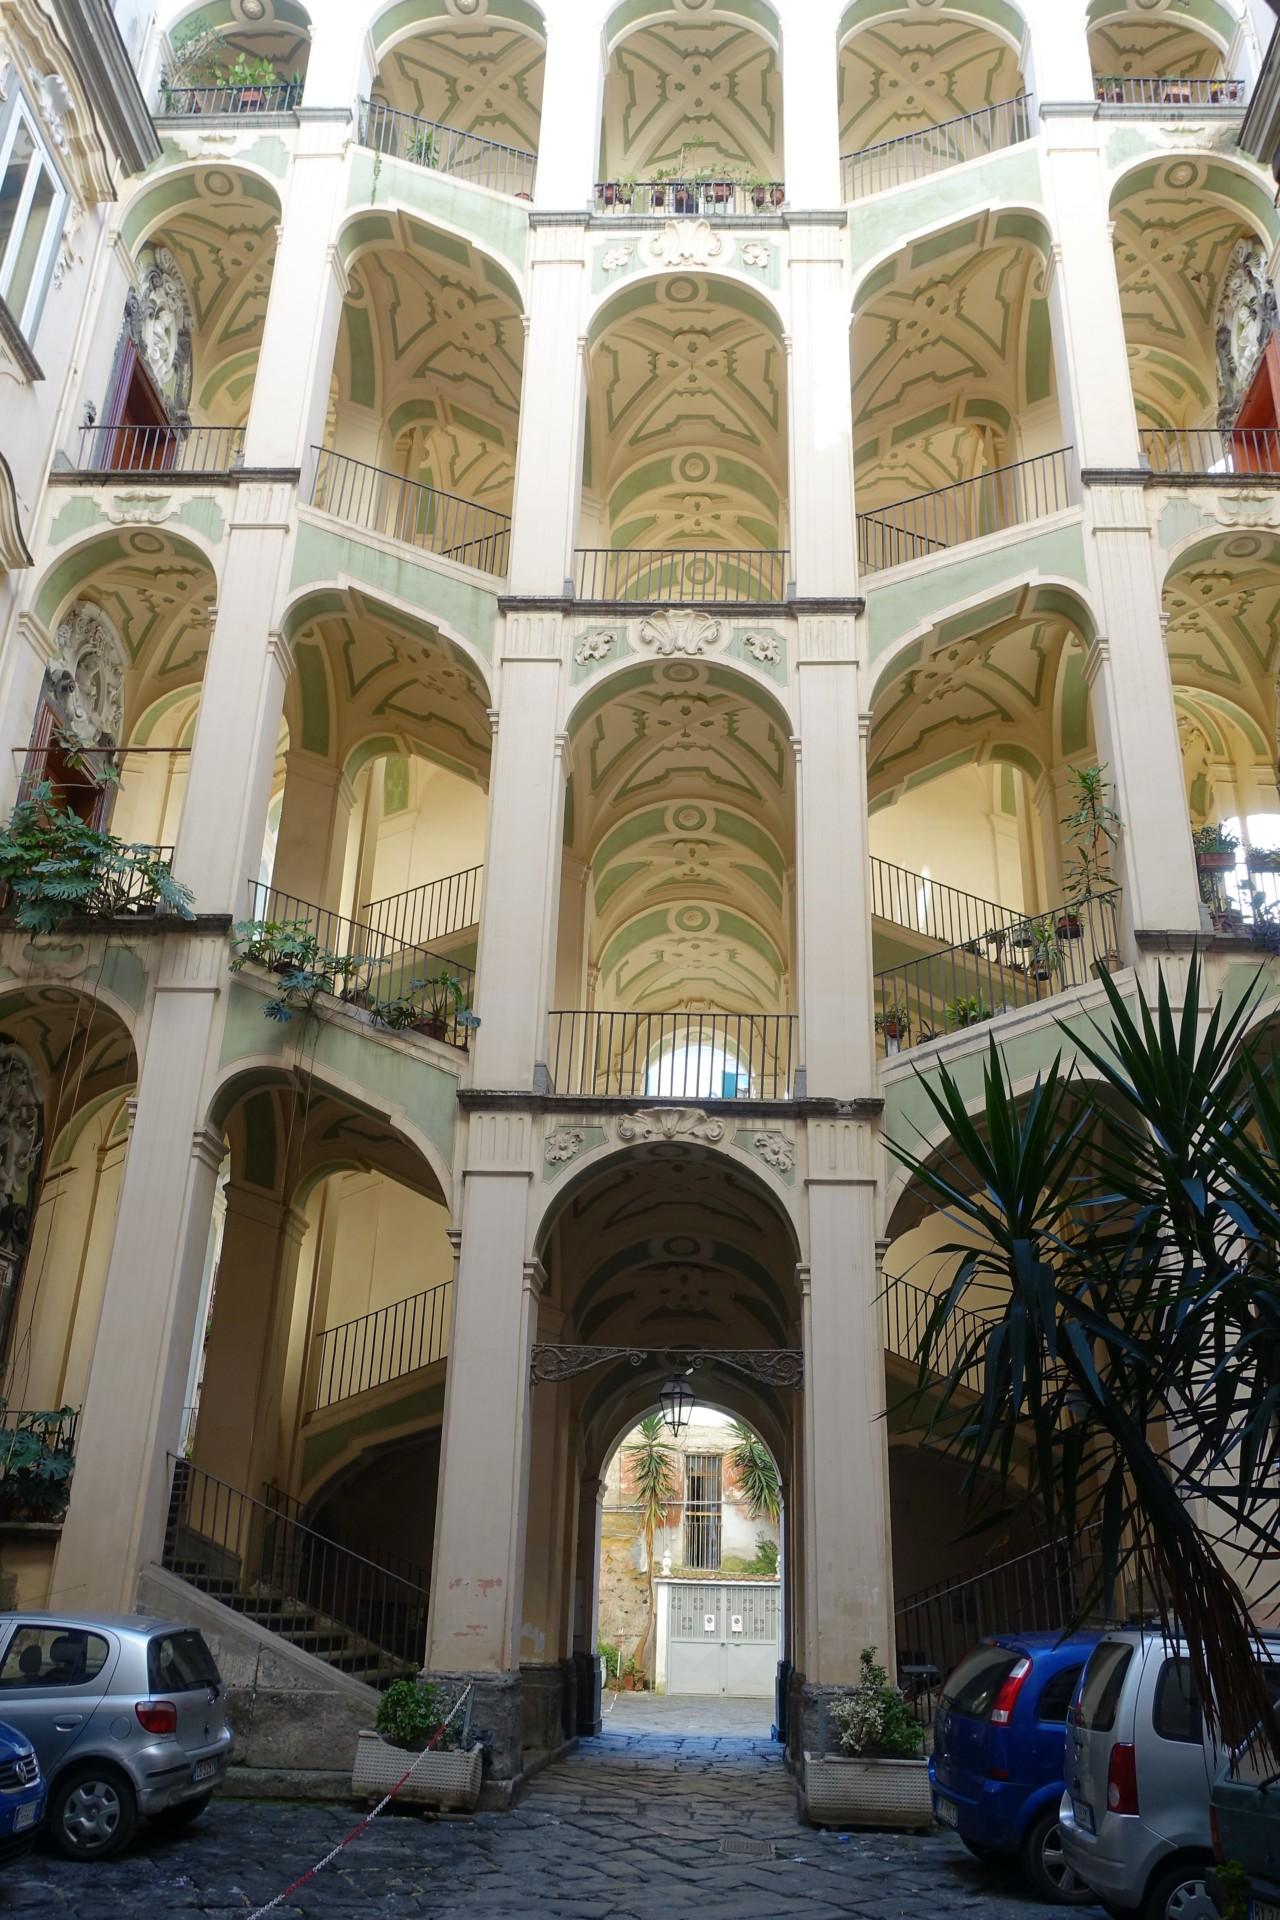 Sanità, Treppenhaus von Ferdinando Sanfelice, Napoli Sanità